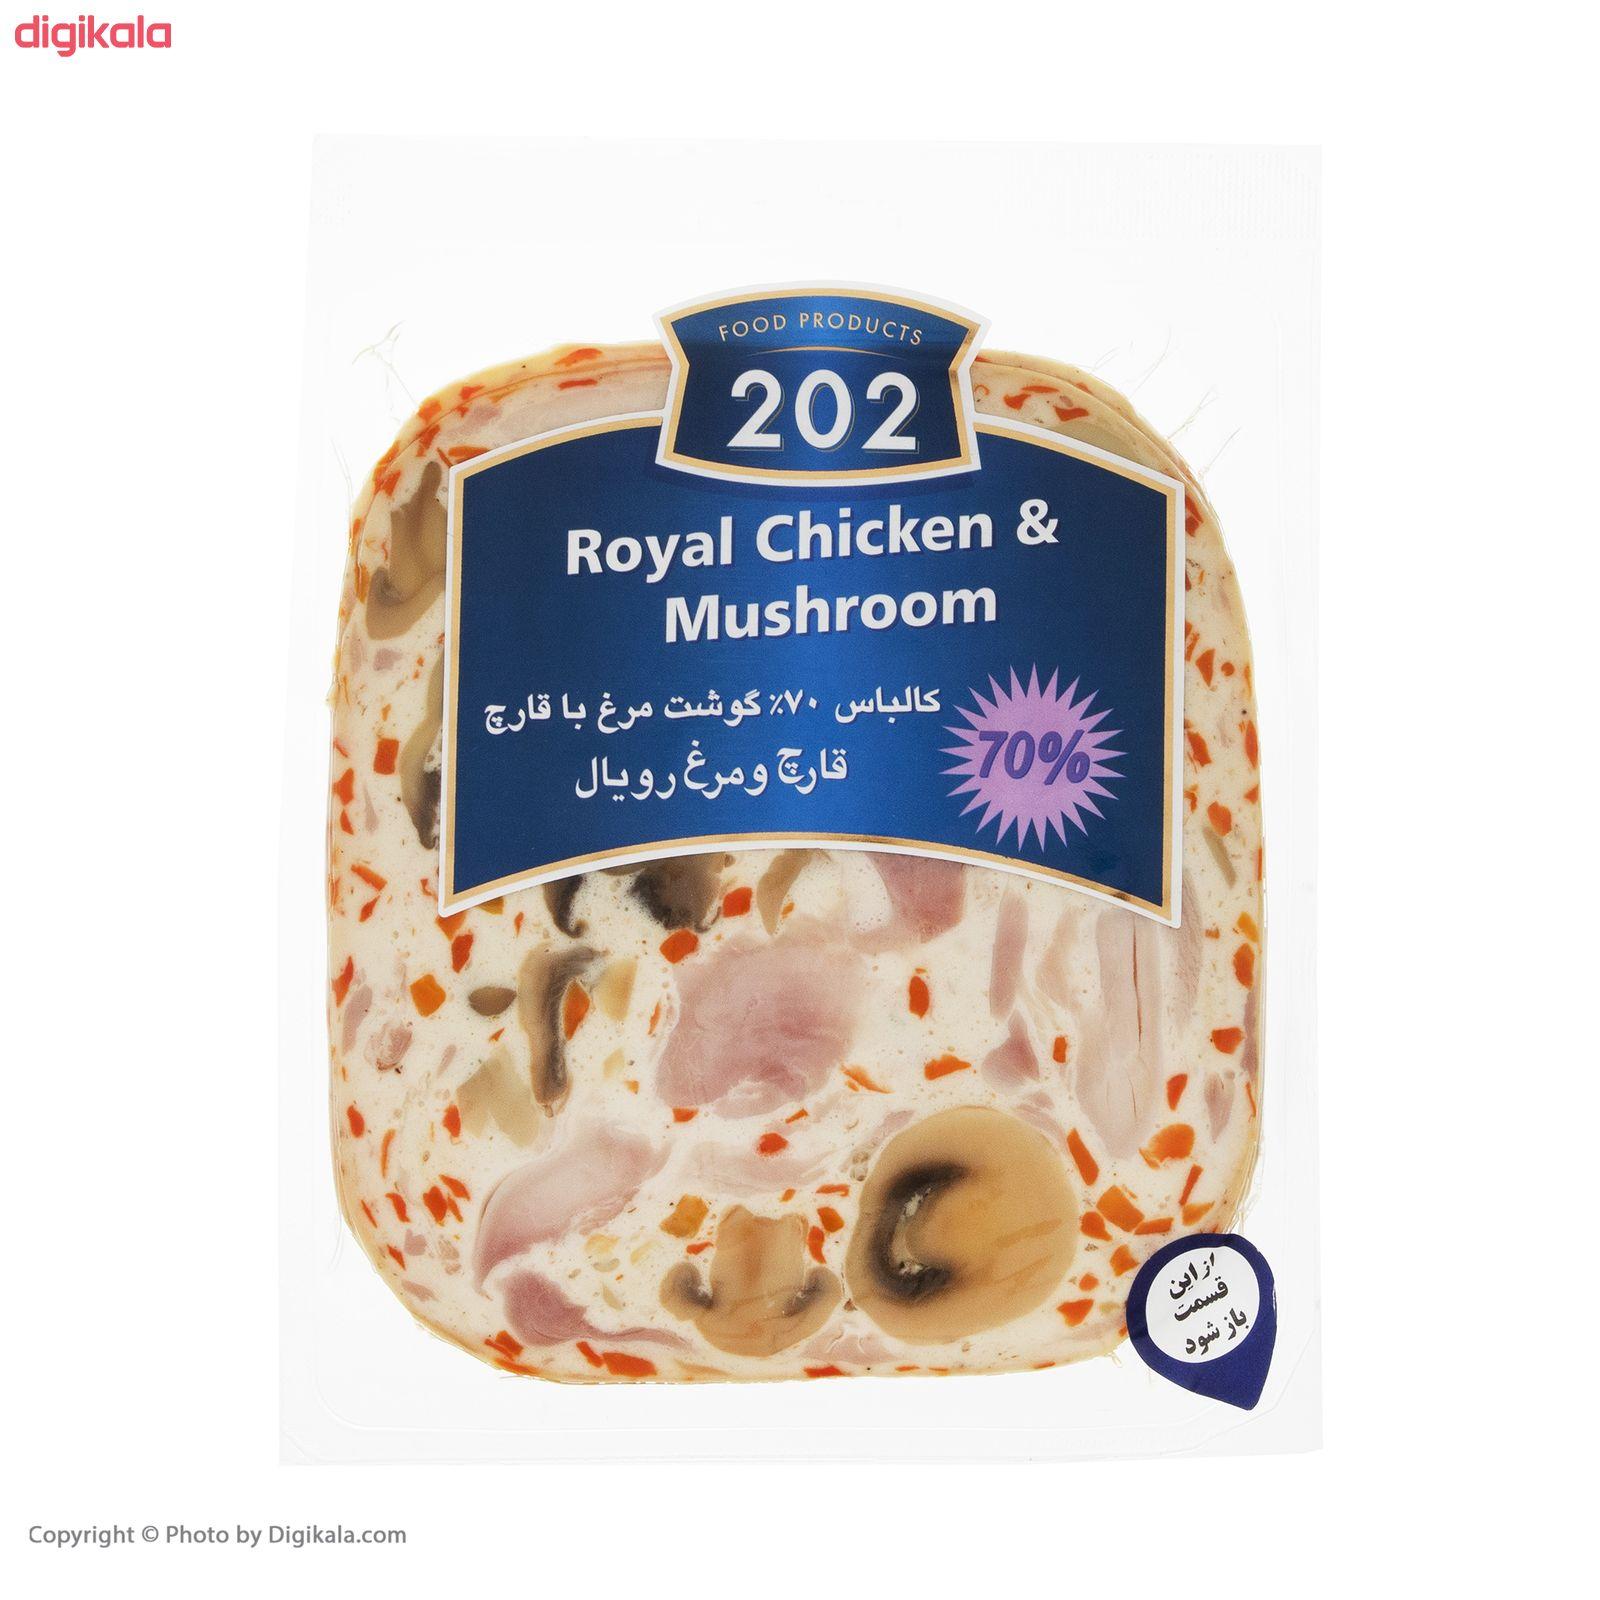 کالباس قارچ و مرغ رویال 70 درصد 202 وزن 300 گرم main 1 5